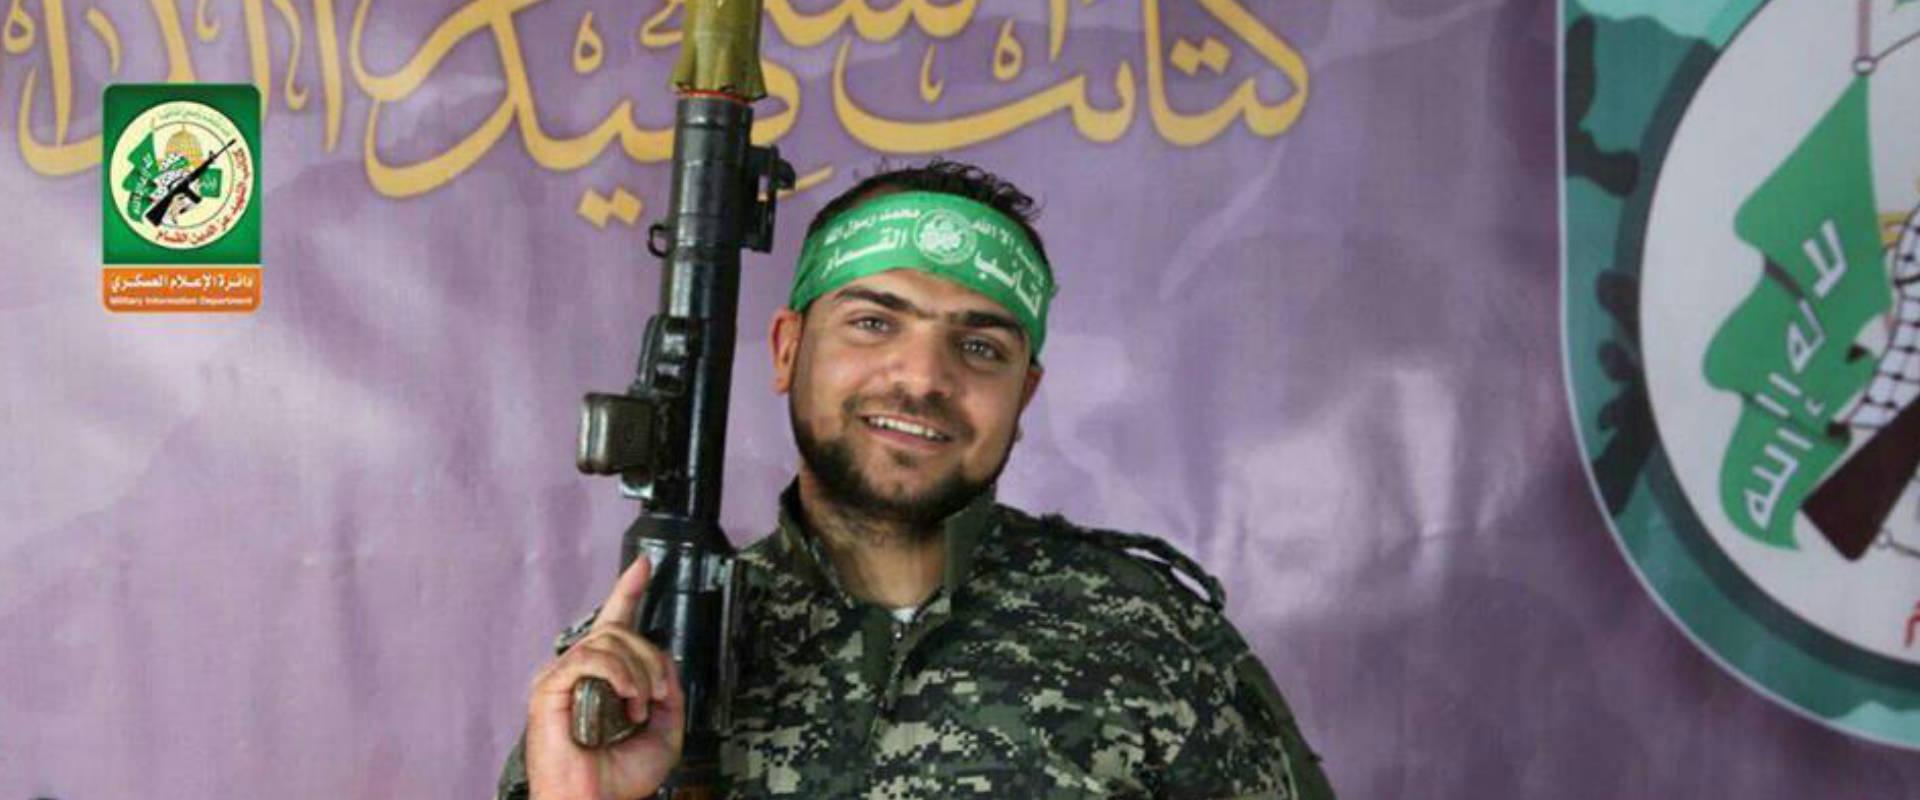 פעיל הארגון שנהרג בפיגוע